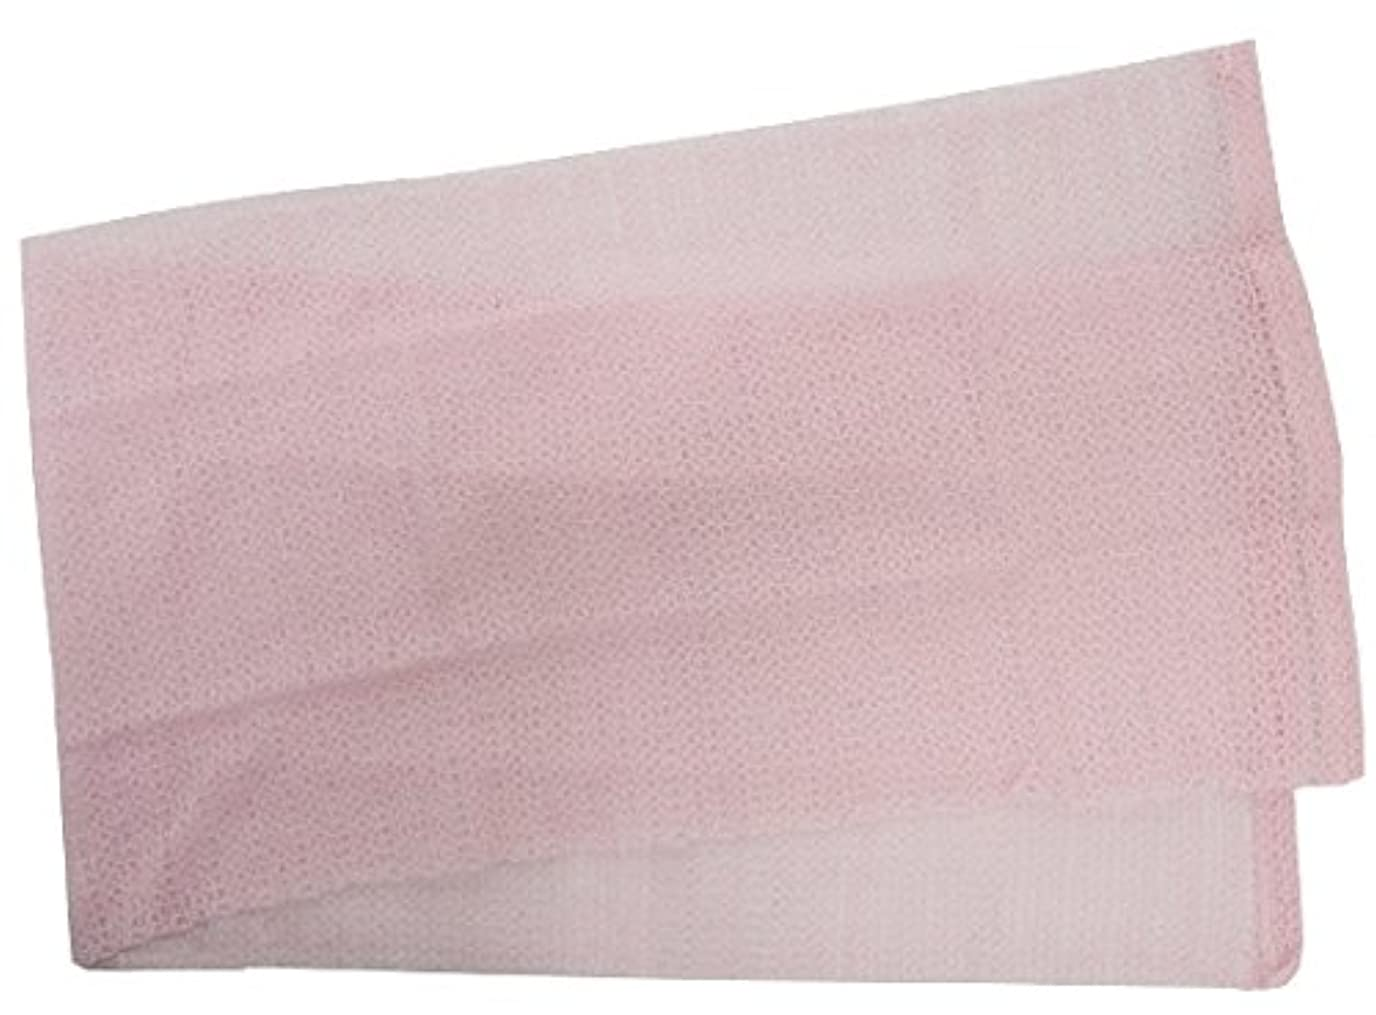 評決透過性ラメ小久保 『メレンゲのような泡立ちとソフトな肌ざわり』 モコモコボディタオル ピンク 24×100cm 2277